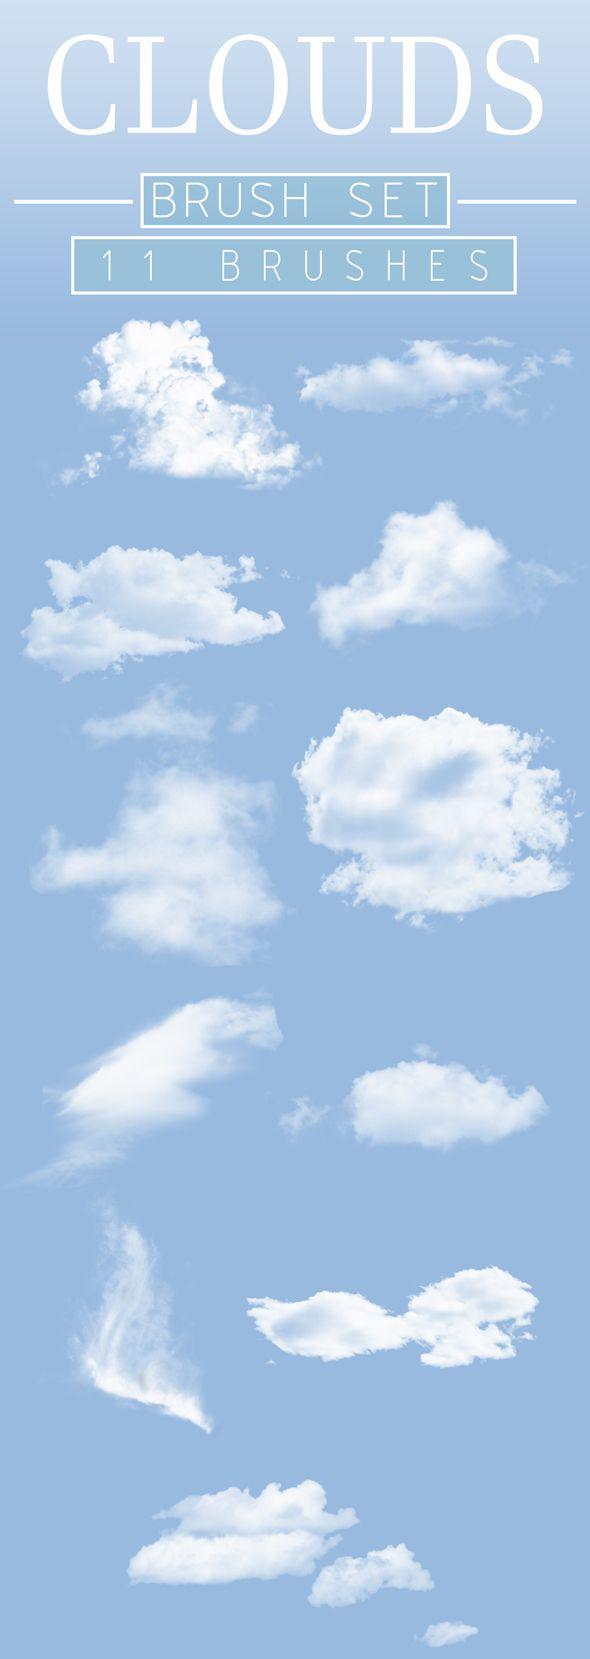 Clouds Brush Set Photoshop Brush Set Photoshop Actions Beginner Photo Editing